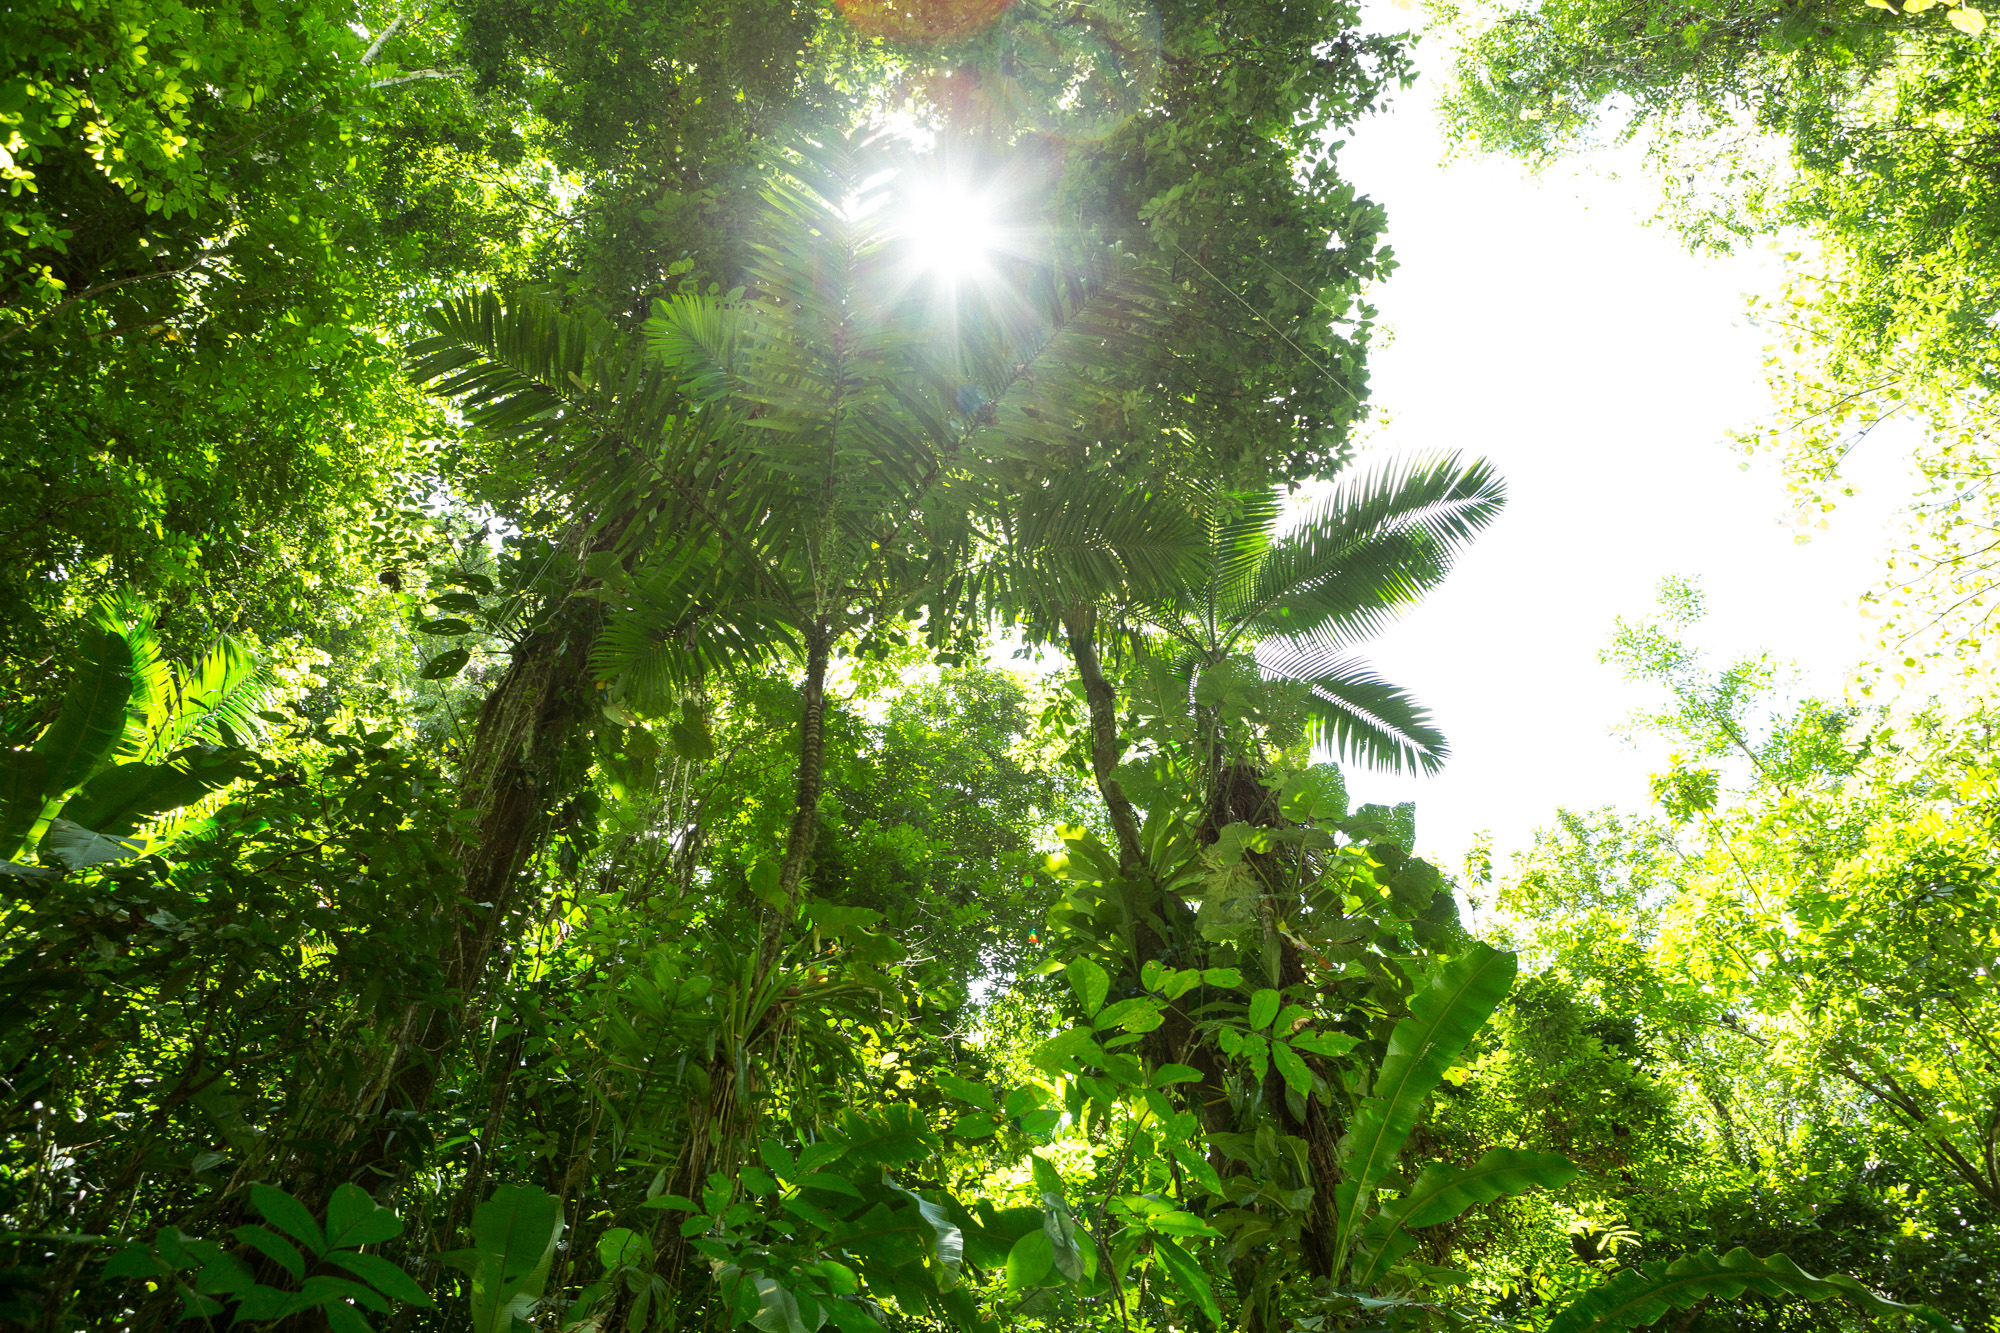 Jungle VI, 2013